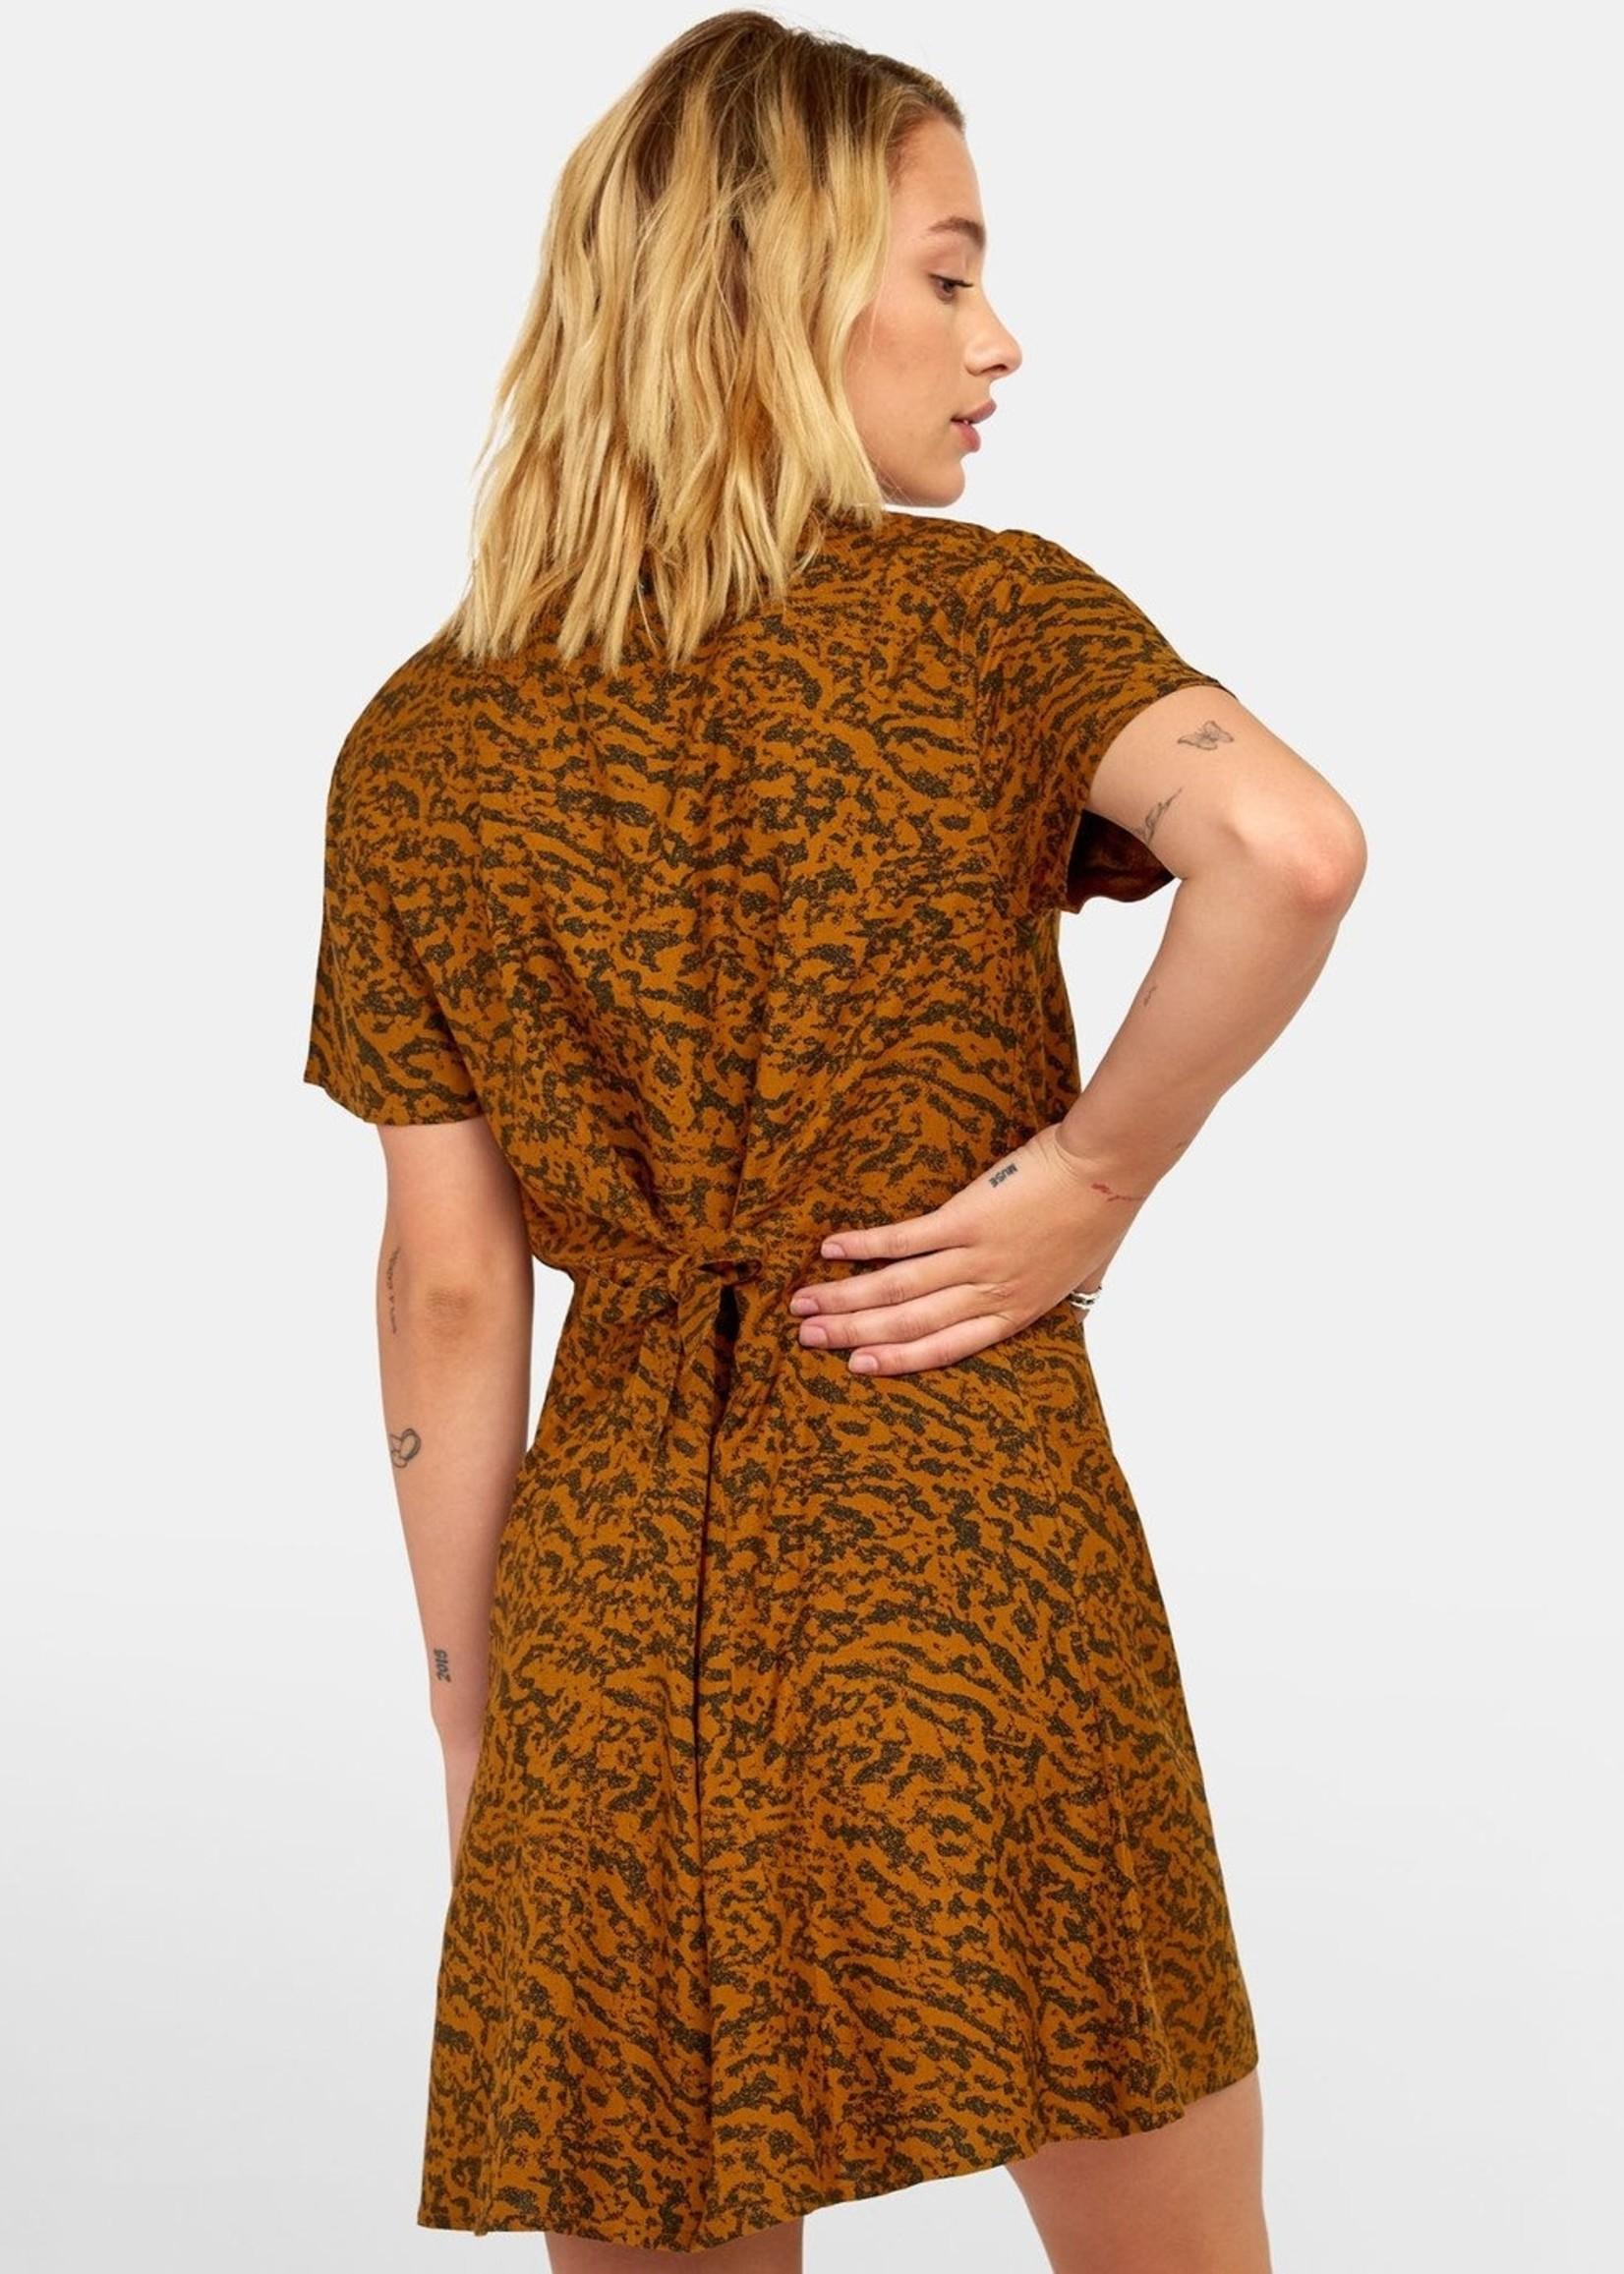 RVCA GUILT BUTTON-UP DRESS